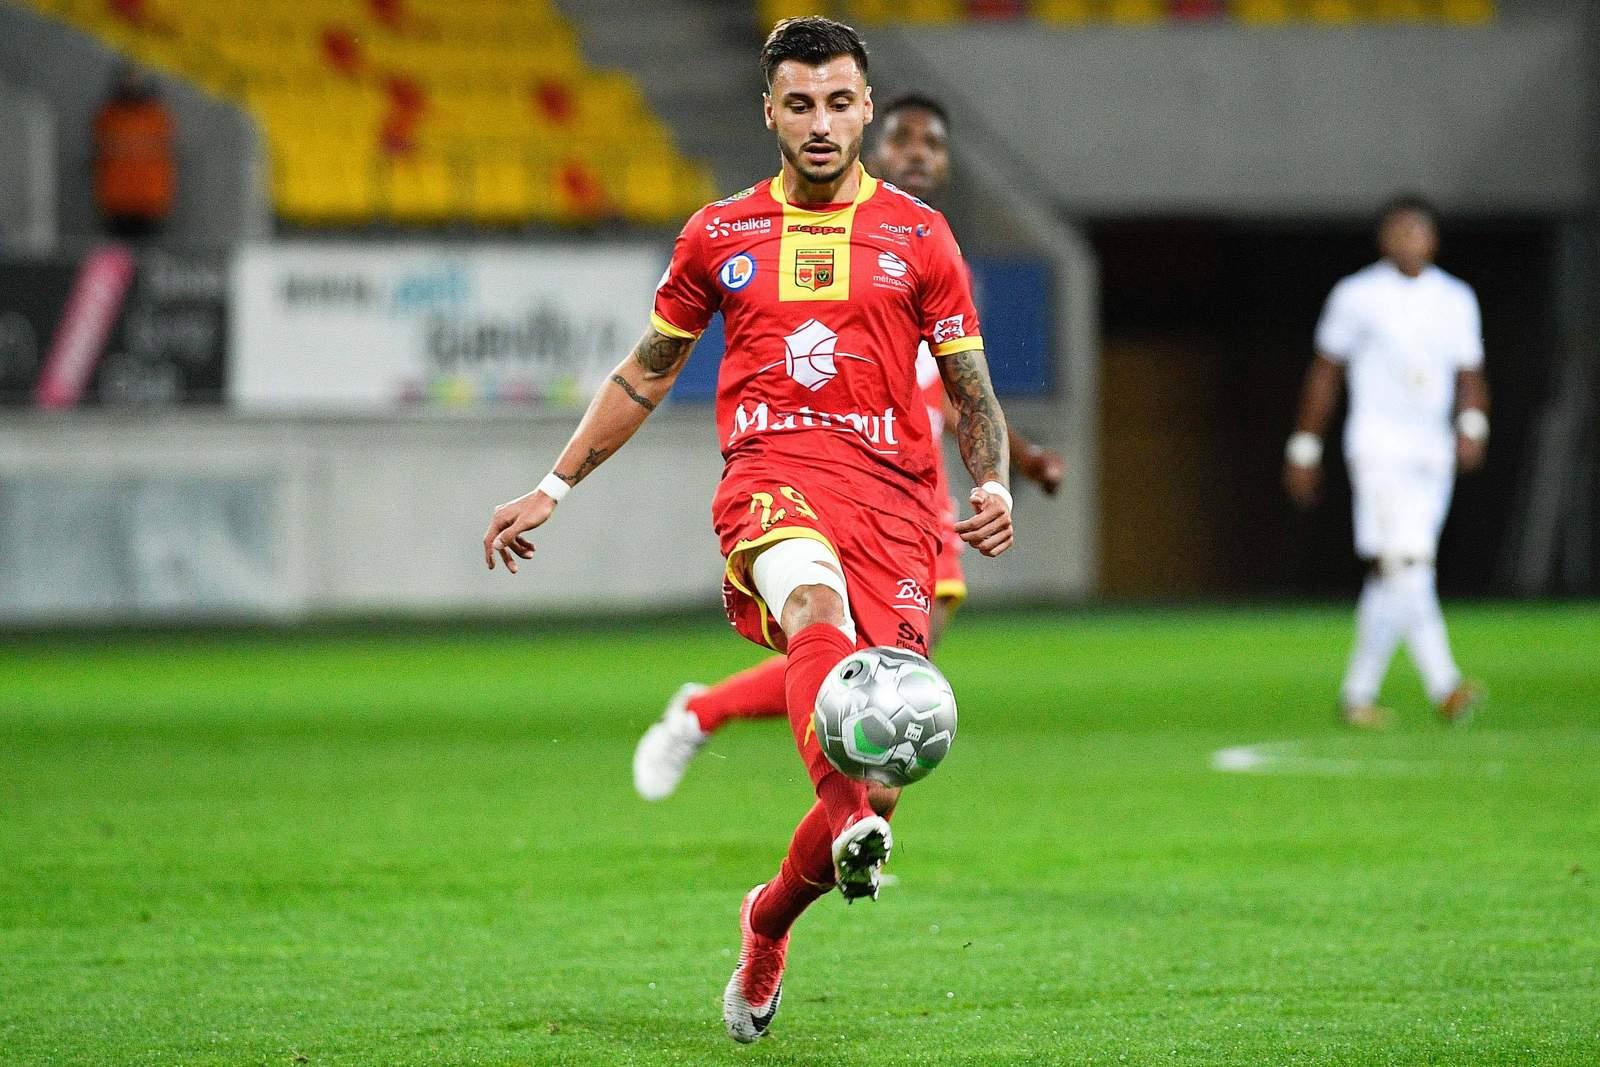 Jonathan Clauss von US Quevilly bei Spiel der Ligue 2